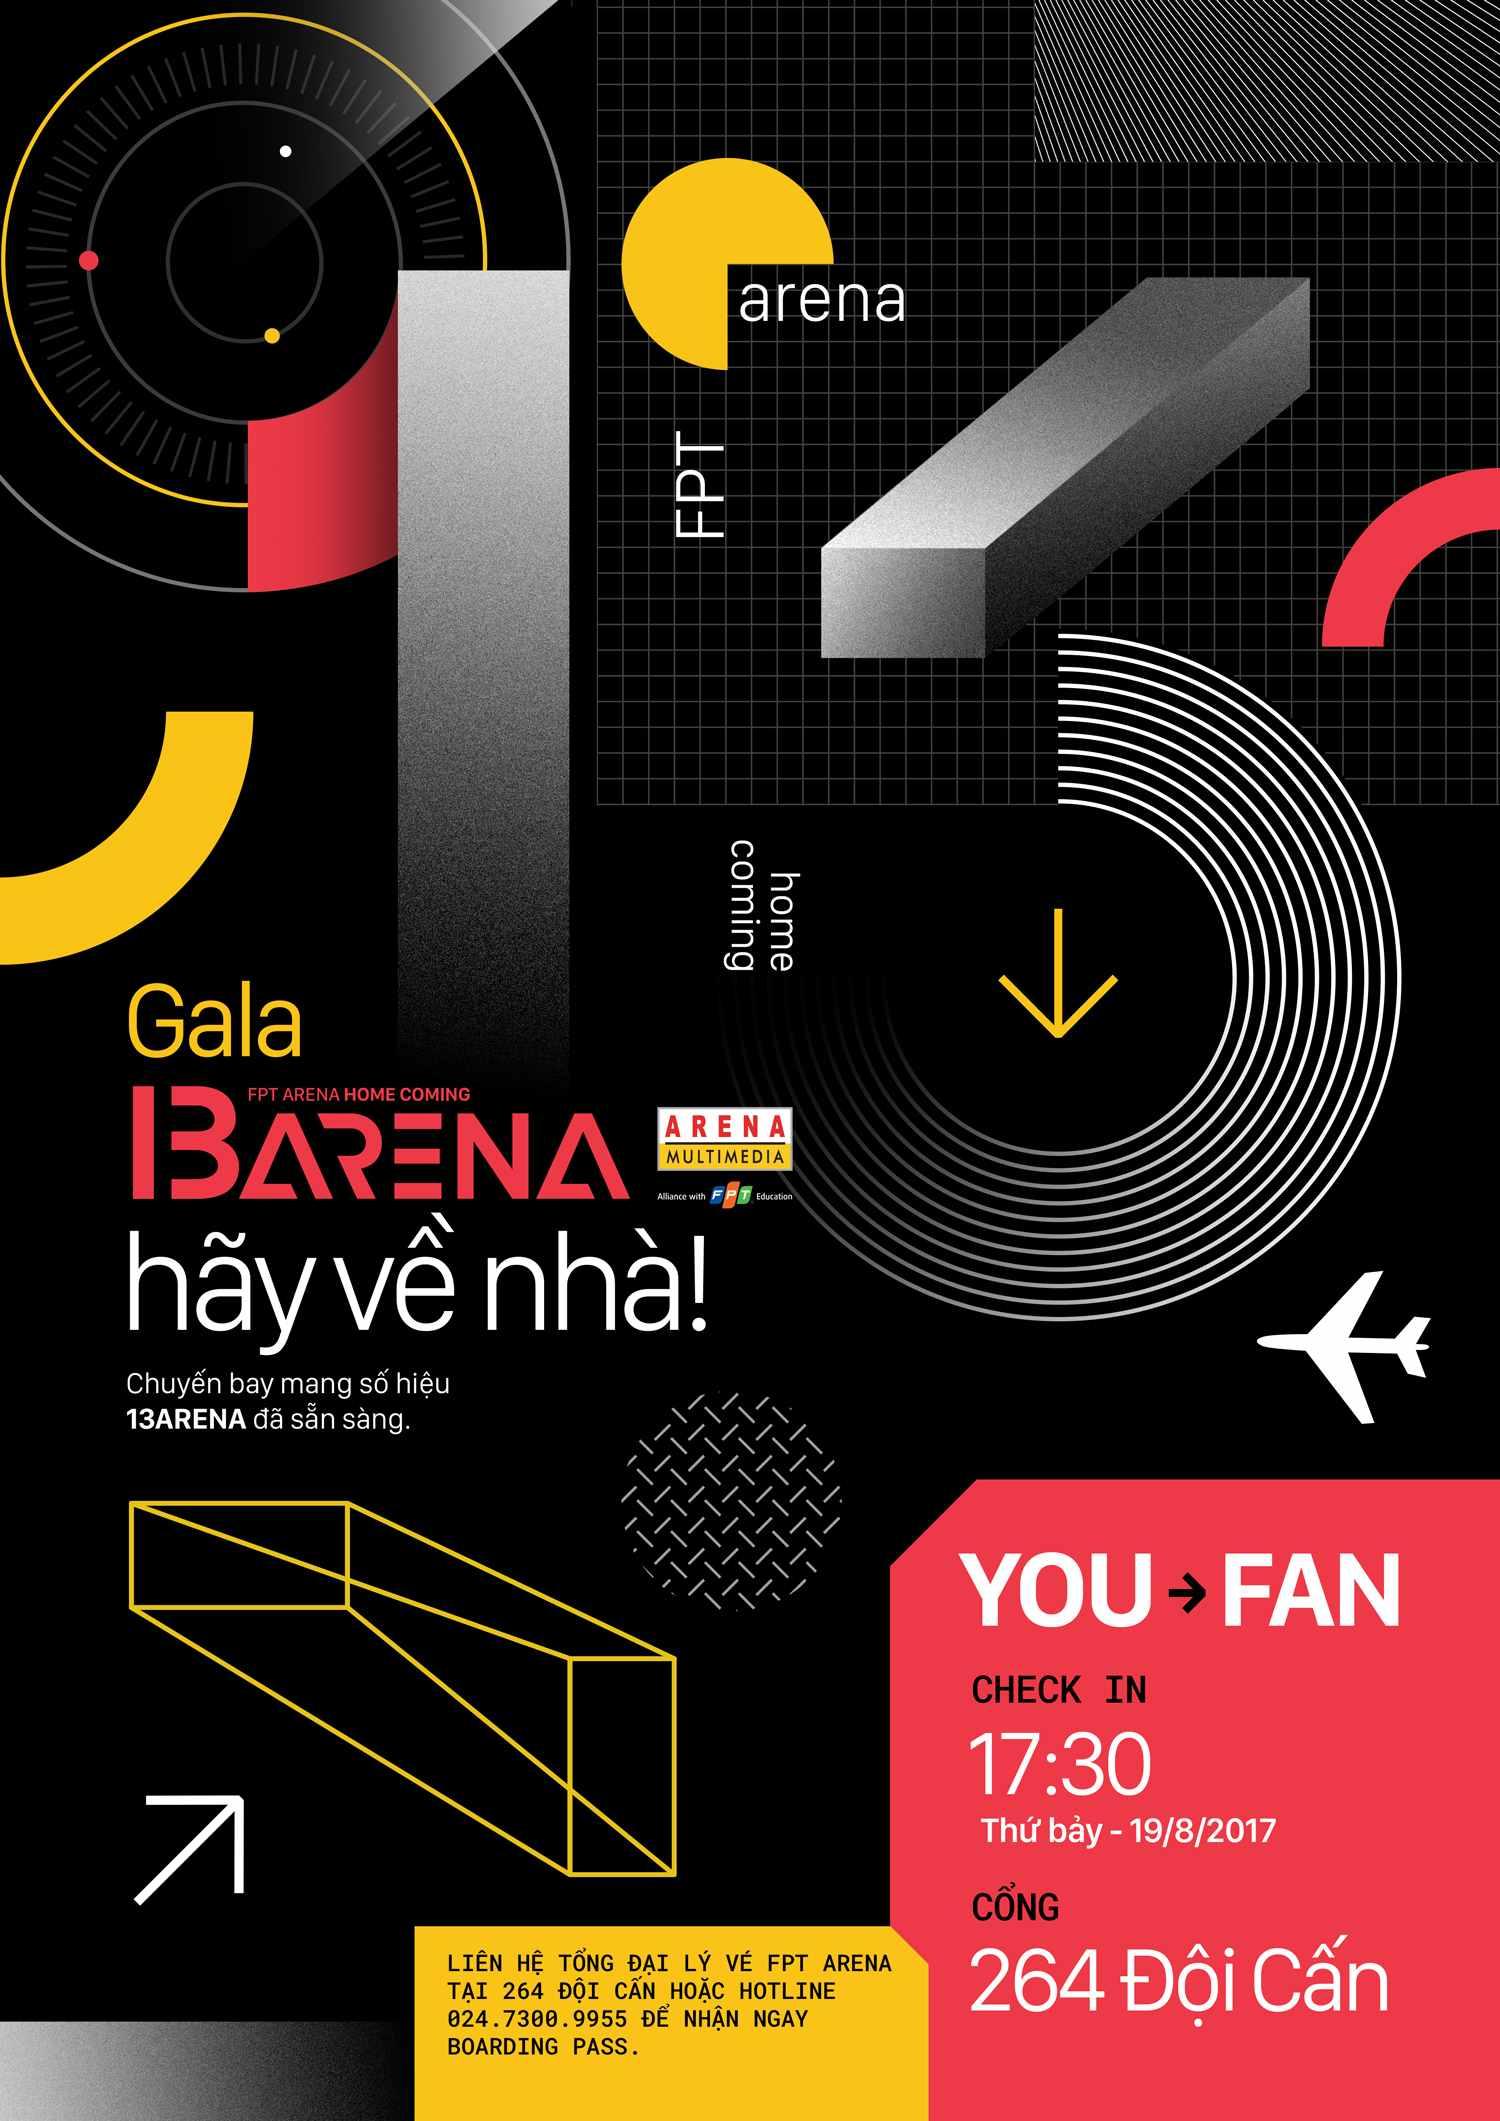 Chuyến bay i3 Arena sẽ đưa tất cả về nhà trong đêm 19/8